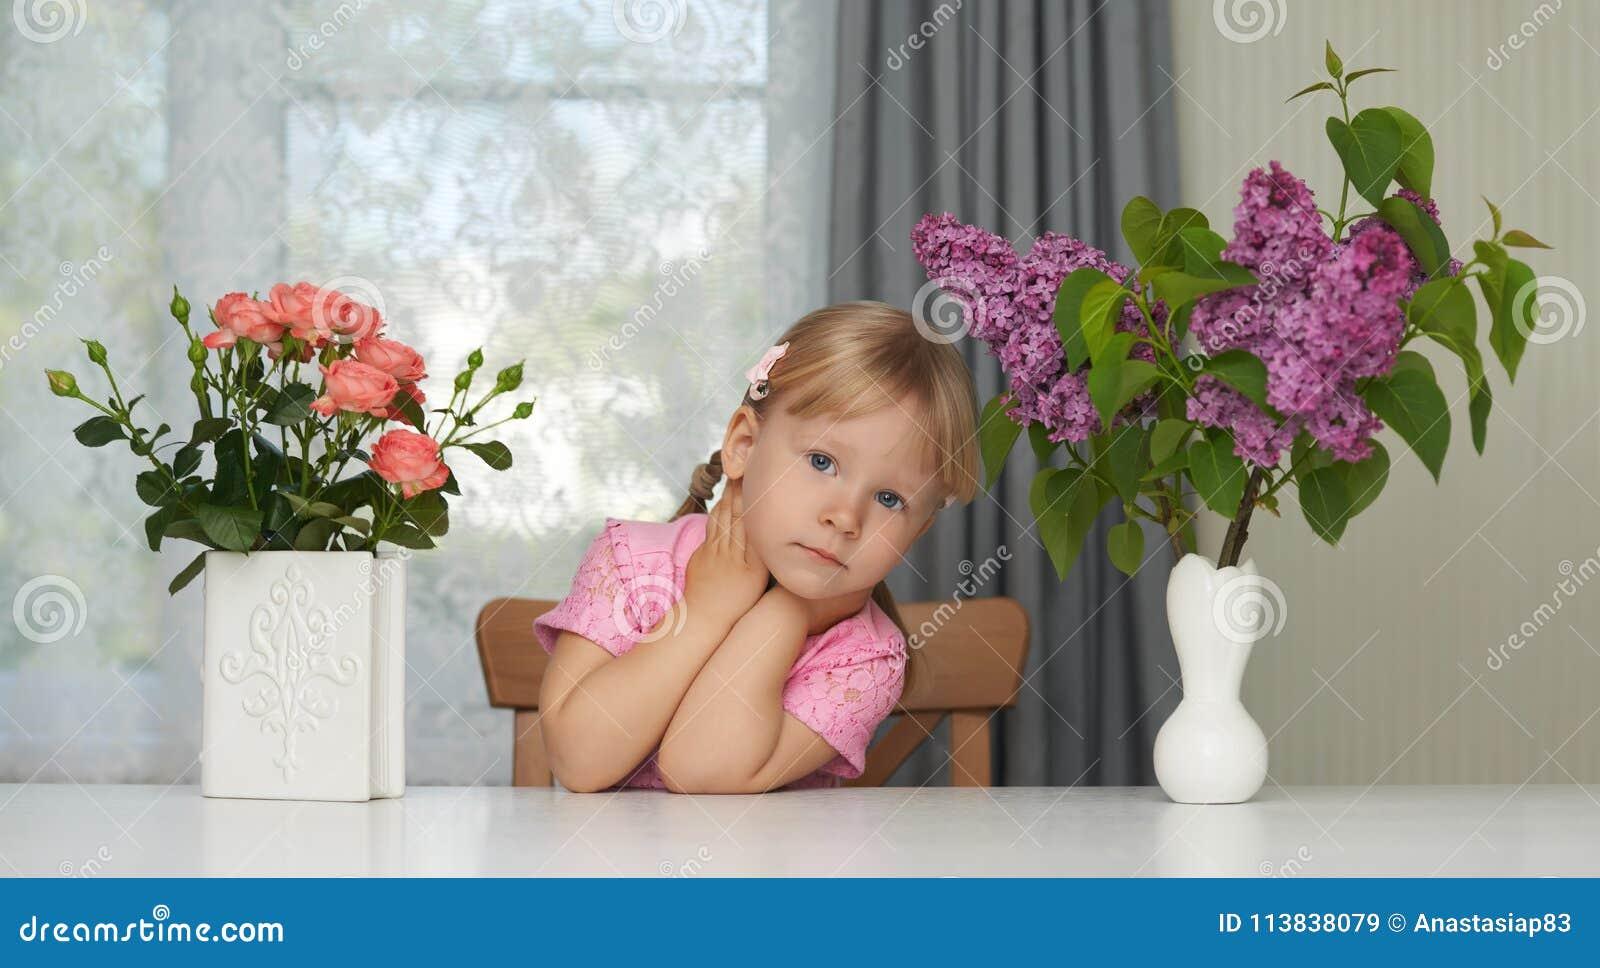 Spring violet flower portrait of a dreaming girl